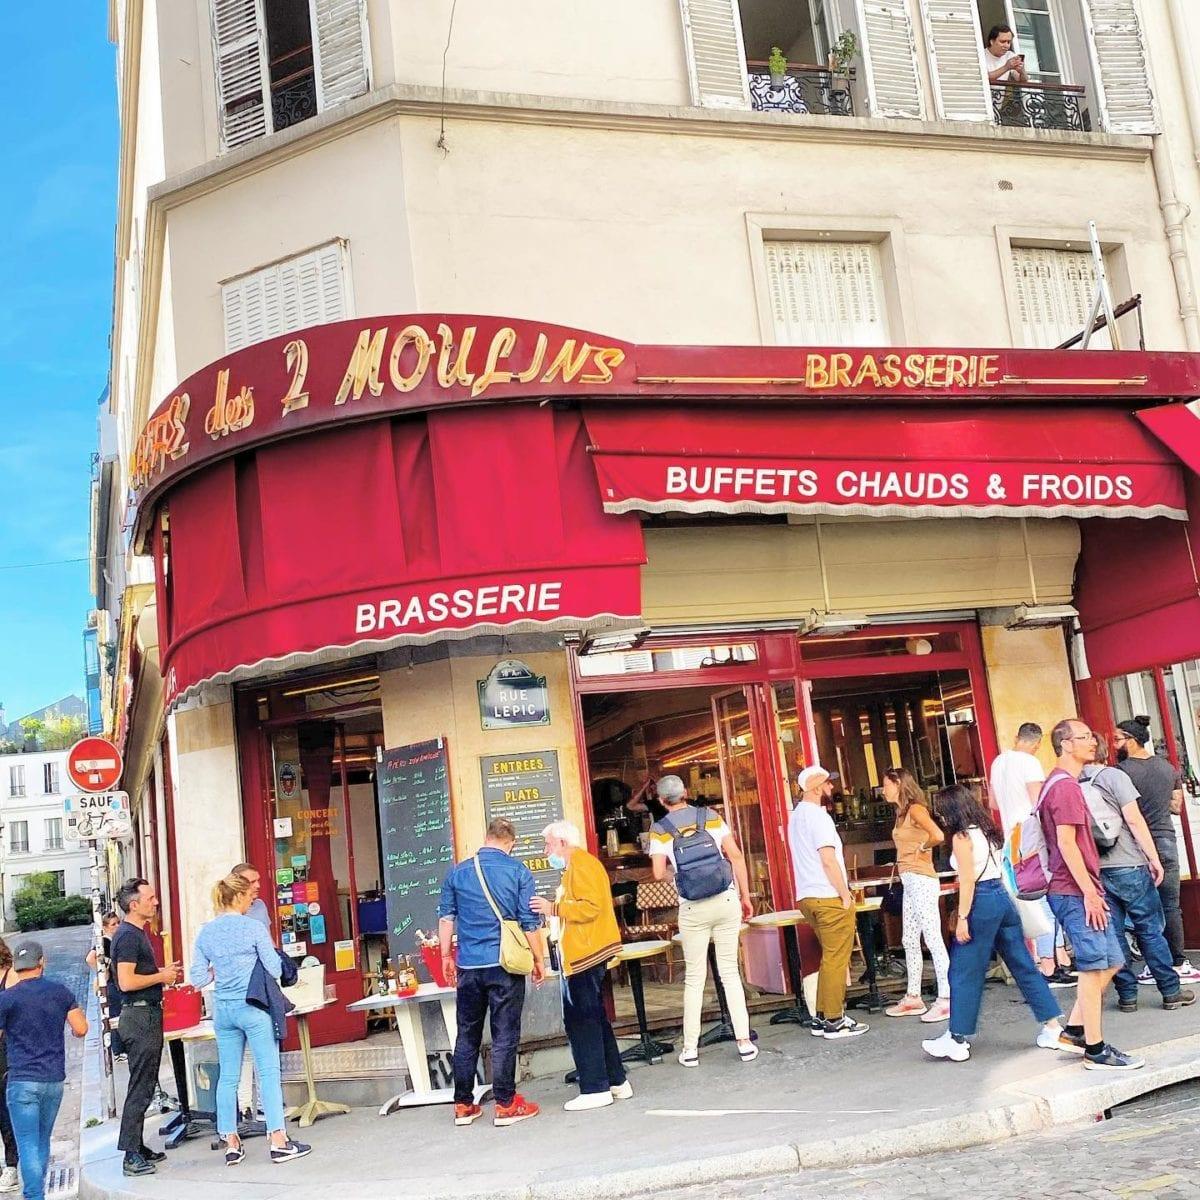 Dans les rues de  🌞 ️ @mairie18 @cafedes2moulinsofficiel